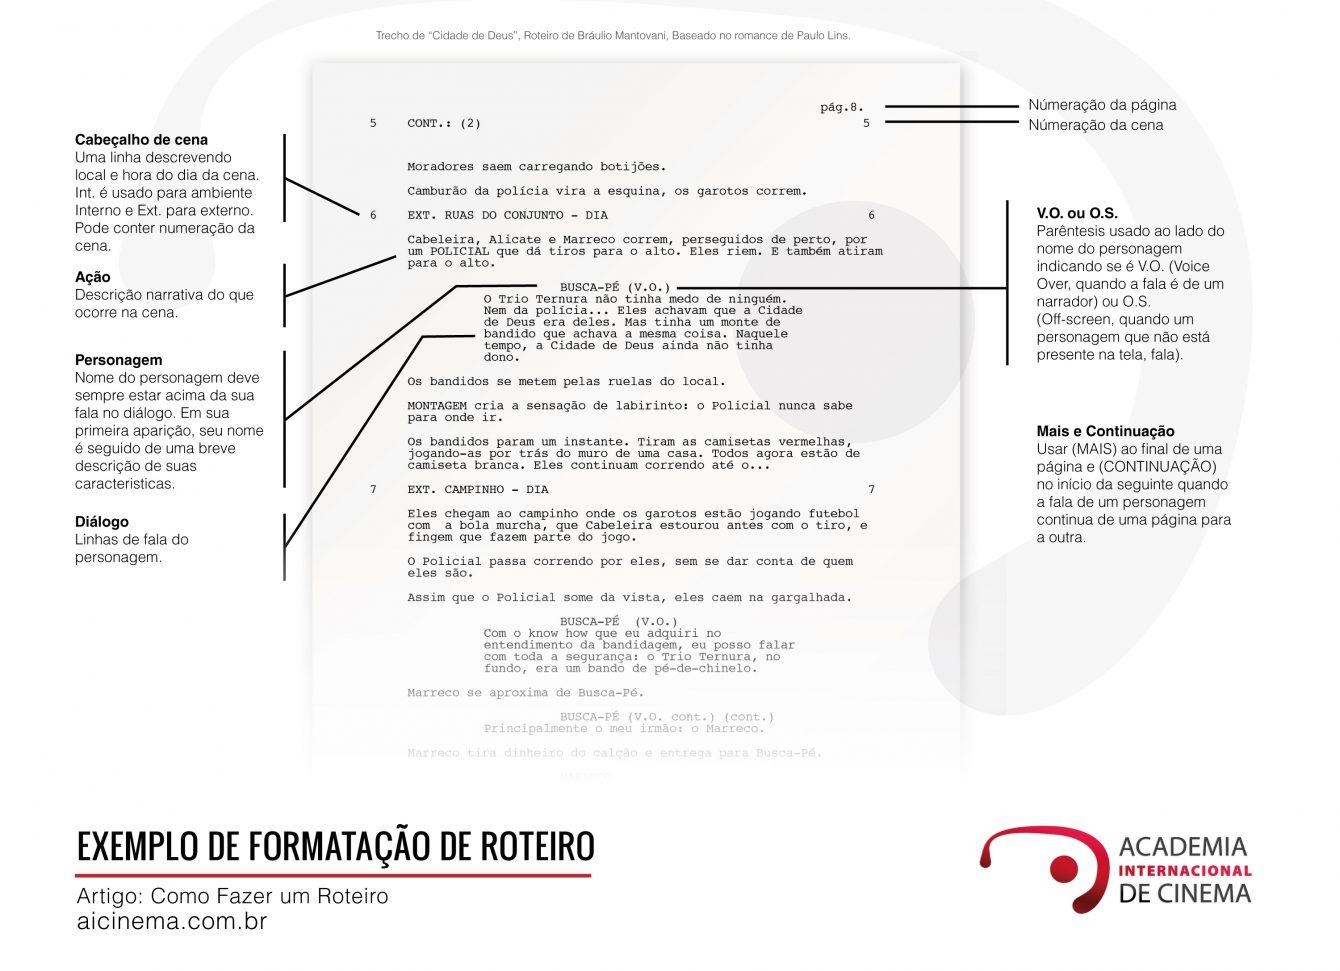 Como Fazer um Roteiro - Exemplo de Formatação de Roteiro